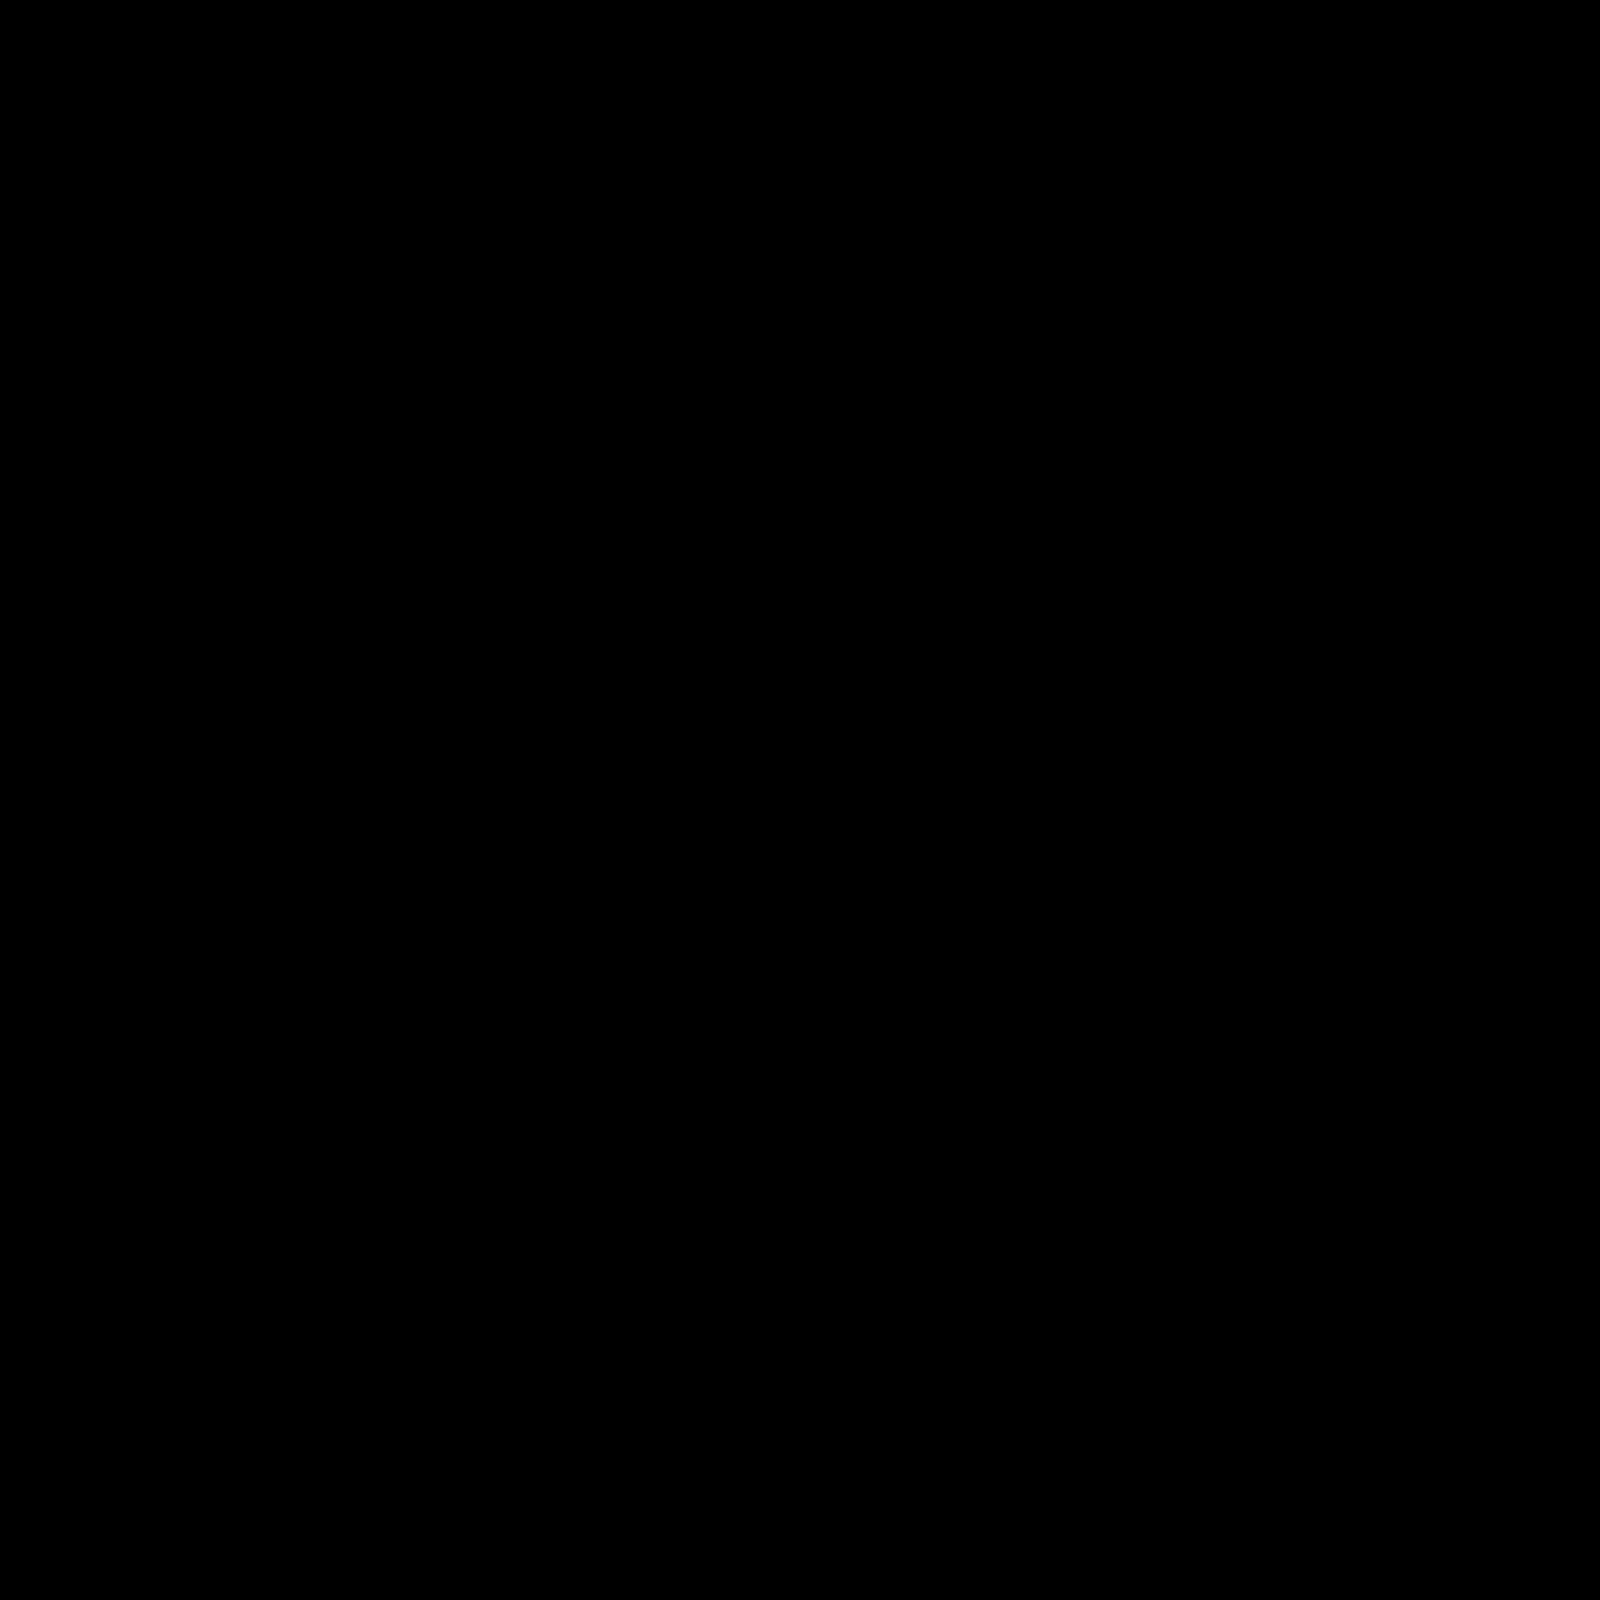 Черная кровь icon